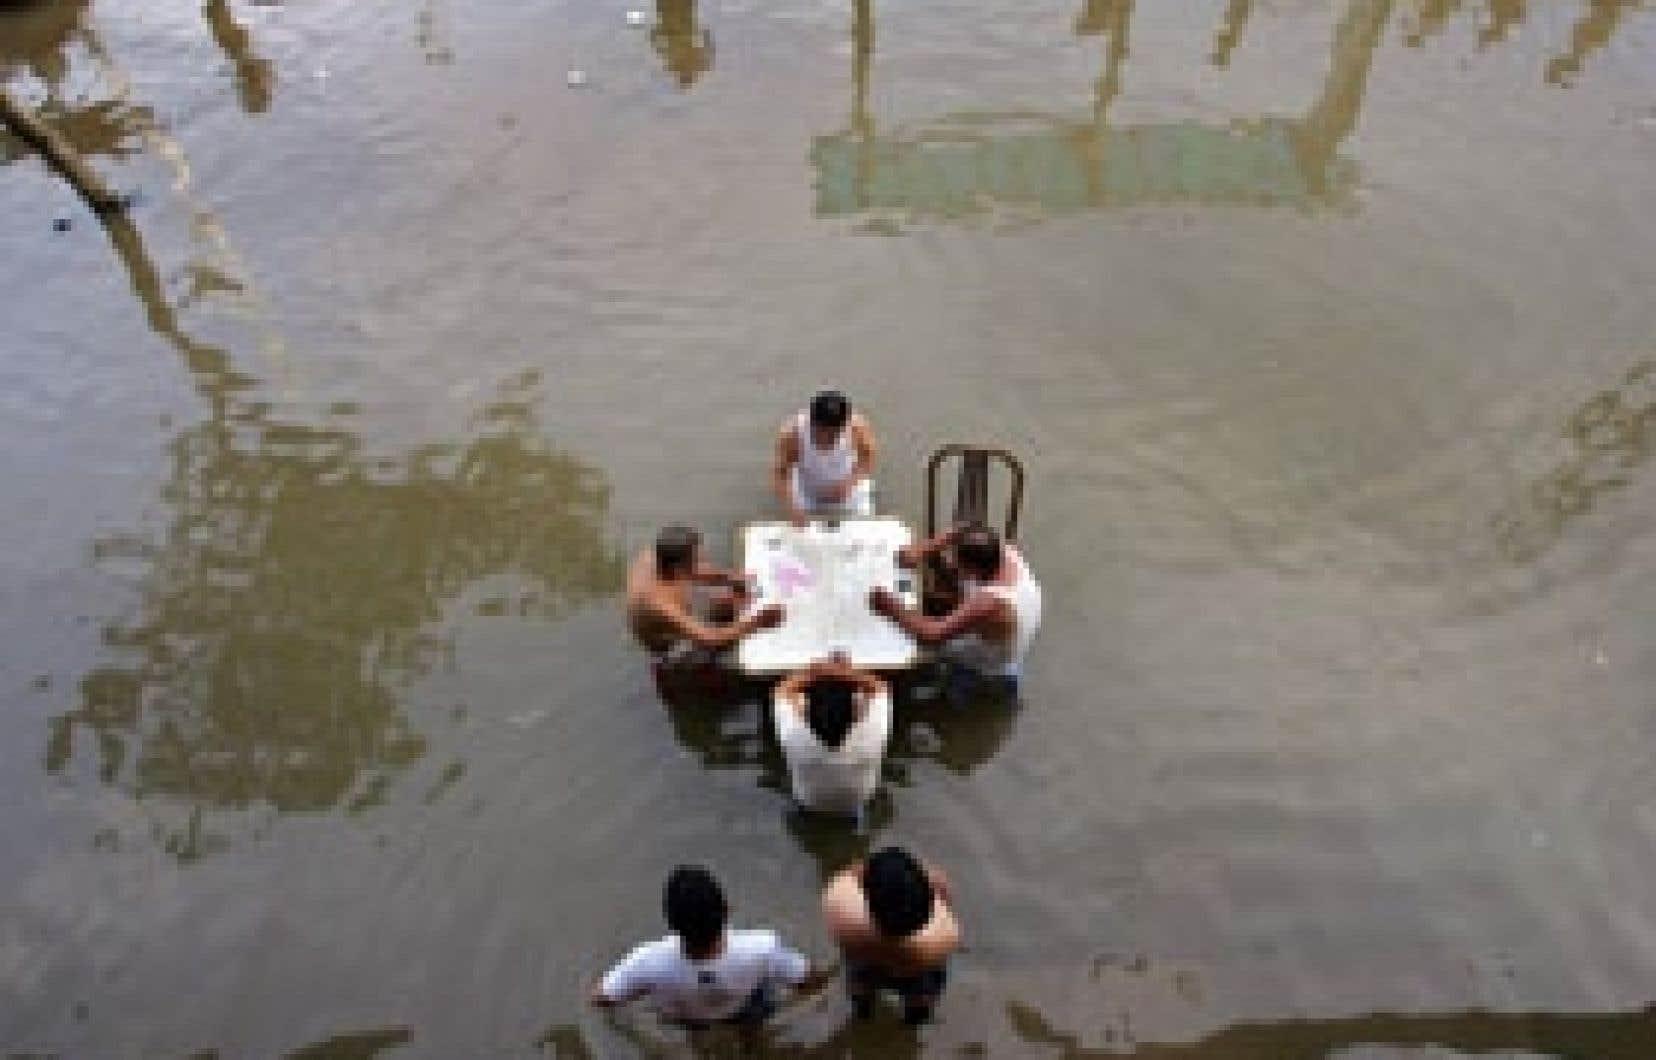 Selon les données provisoires de la société Re pour l'année 2006, les catastrophes ont provoqué environ 40 milliards $US en pertes financières, non assurées pour la plupart. Ces victimes du typhon qui a frappé la Chine en août n'ont pas semb